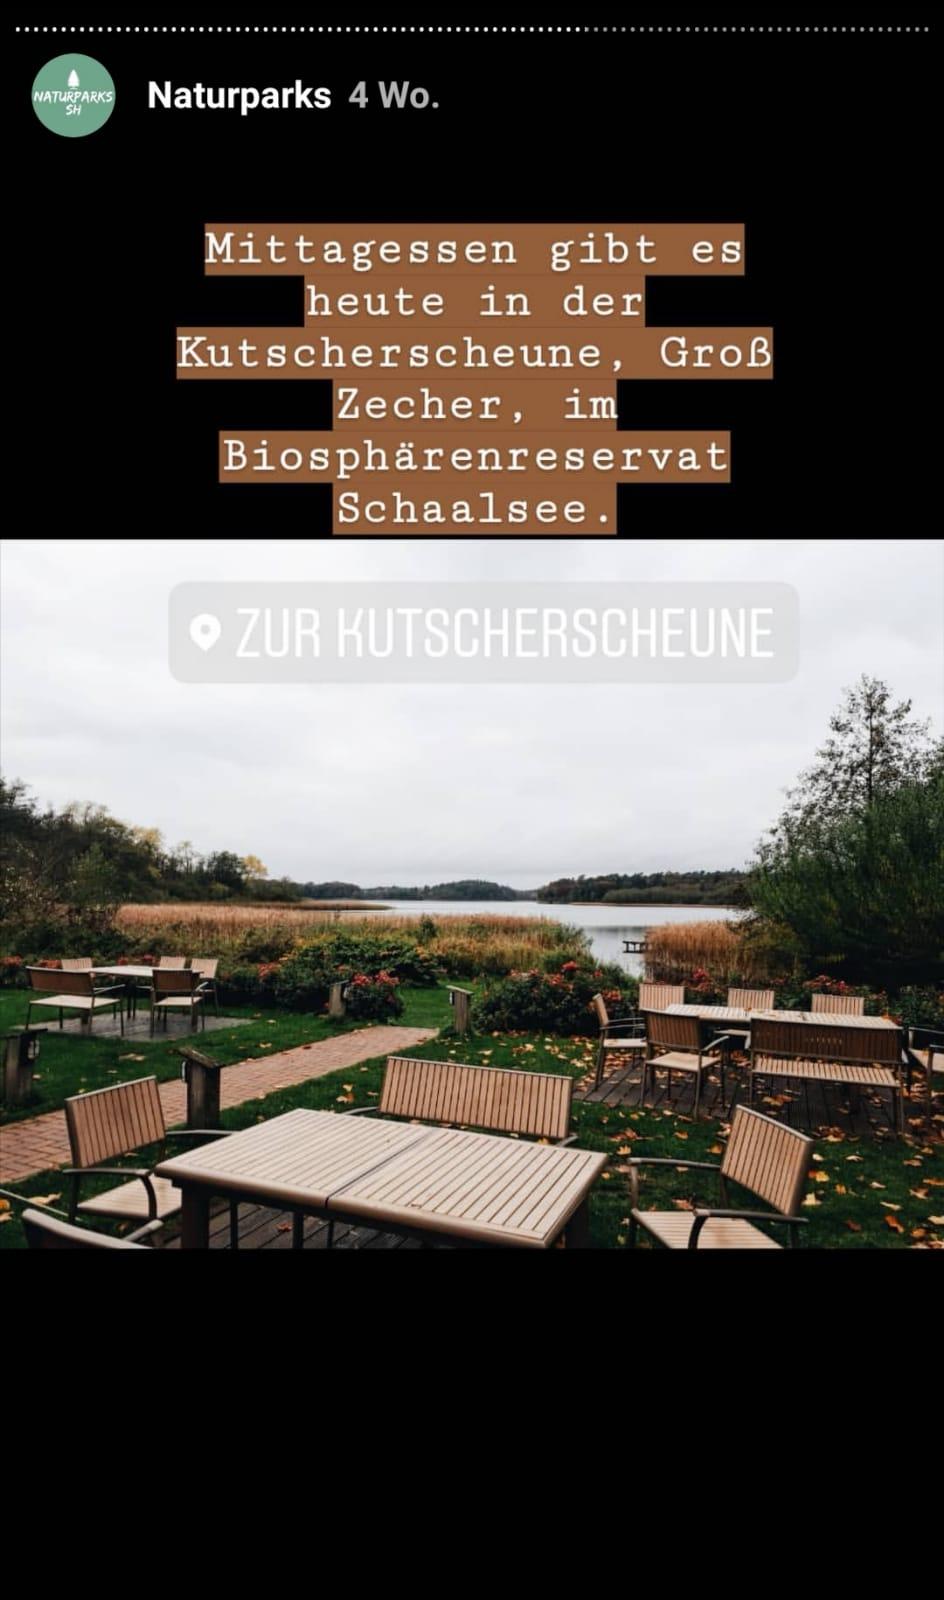 Naturpark Lauenburgische Seen_2